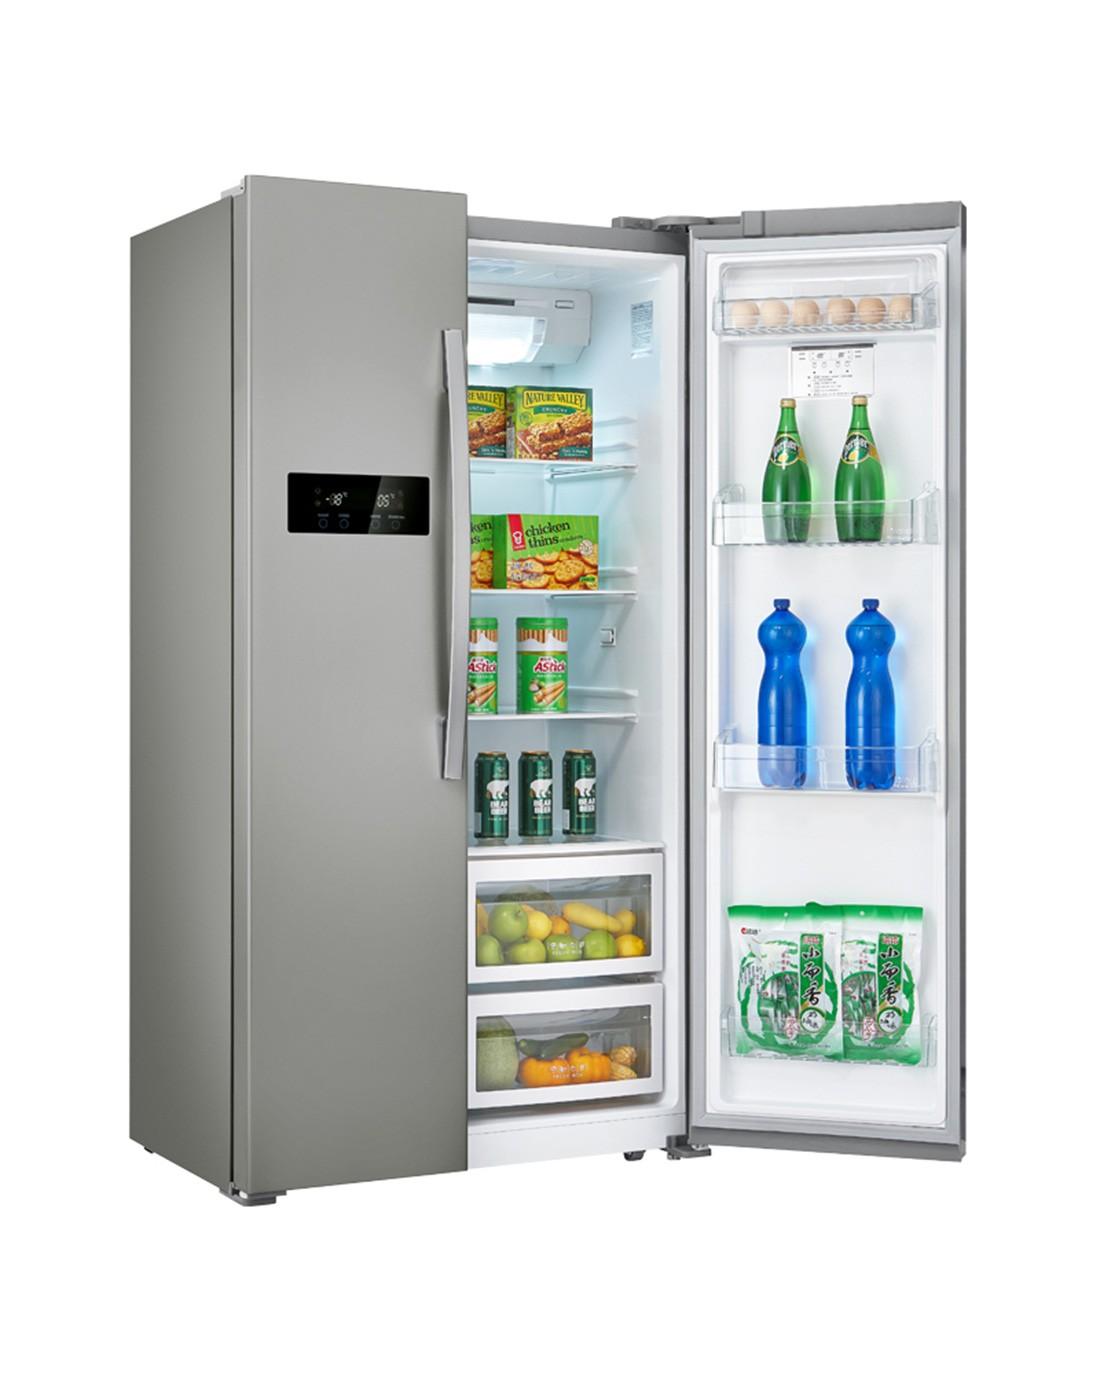 美的midea冰箱专场516升风冷无霜节能对开冰箱bcd-516